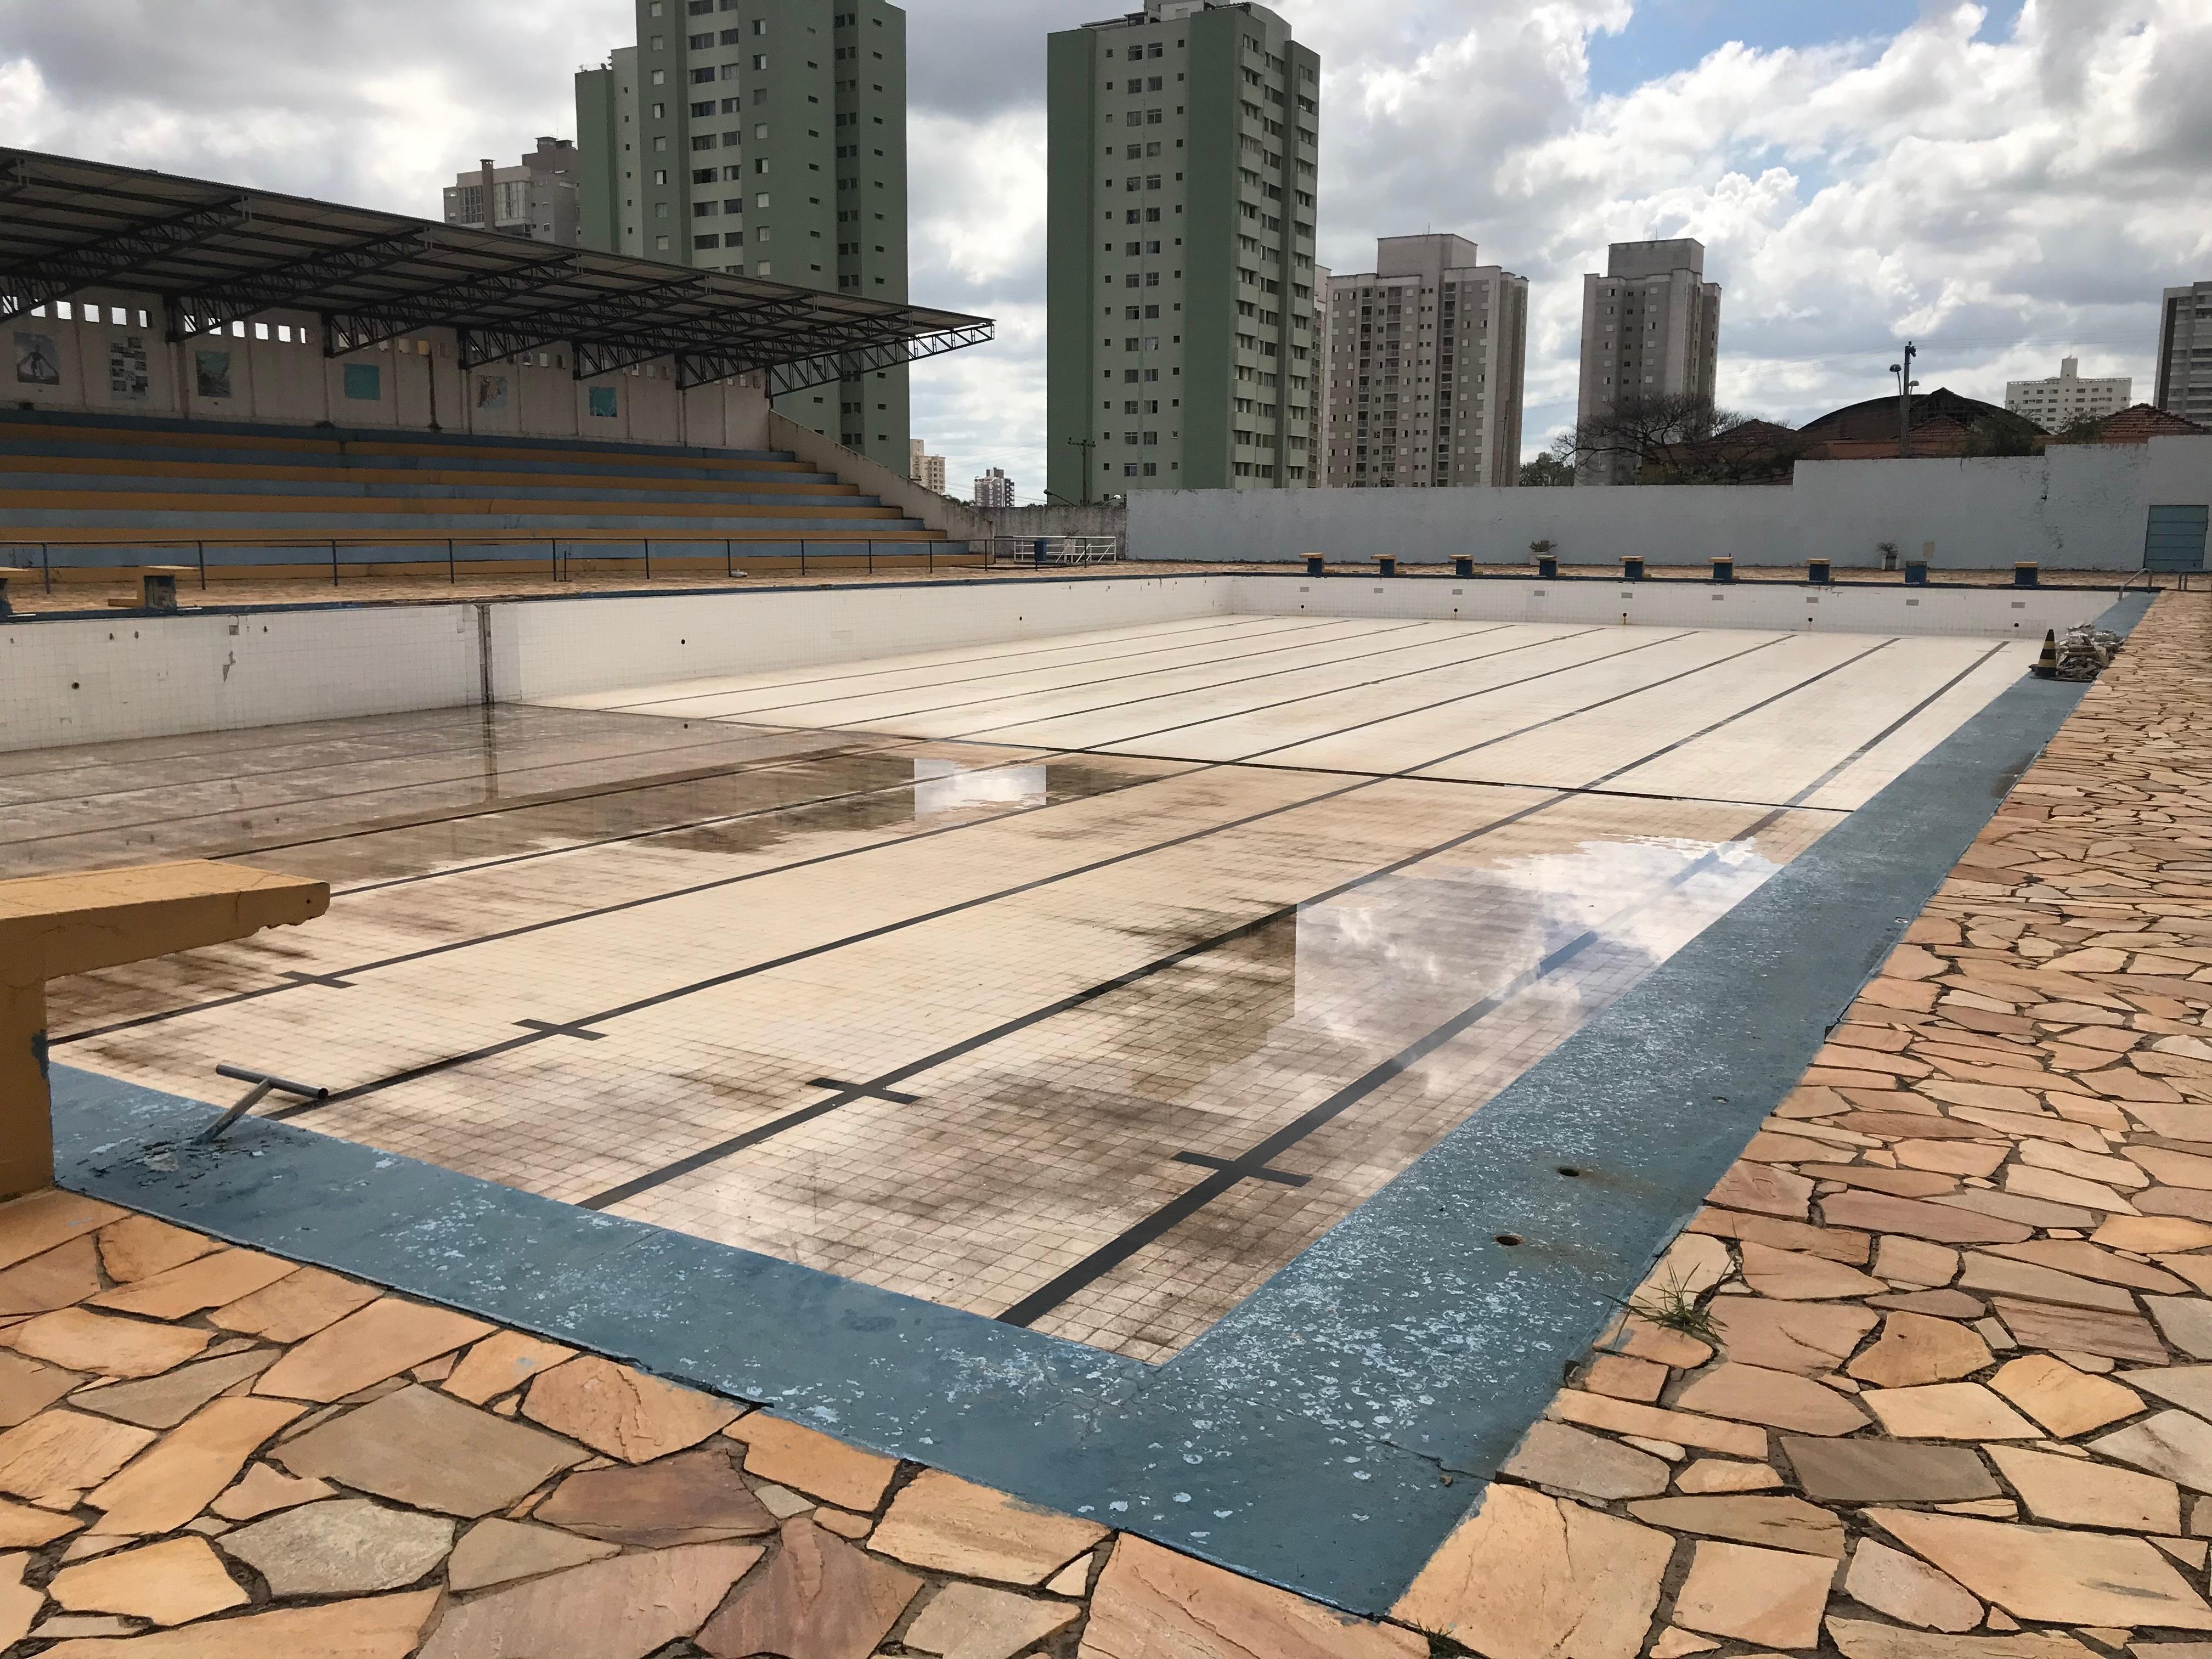 Reforma das Piscinas - Complexo Aquático Municipal Dr. Samuel de Castro Neves - Piracicaba